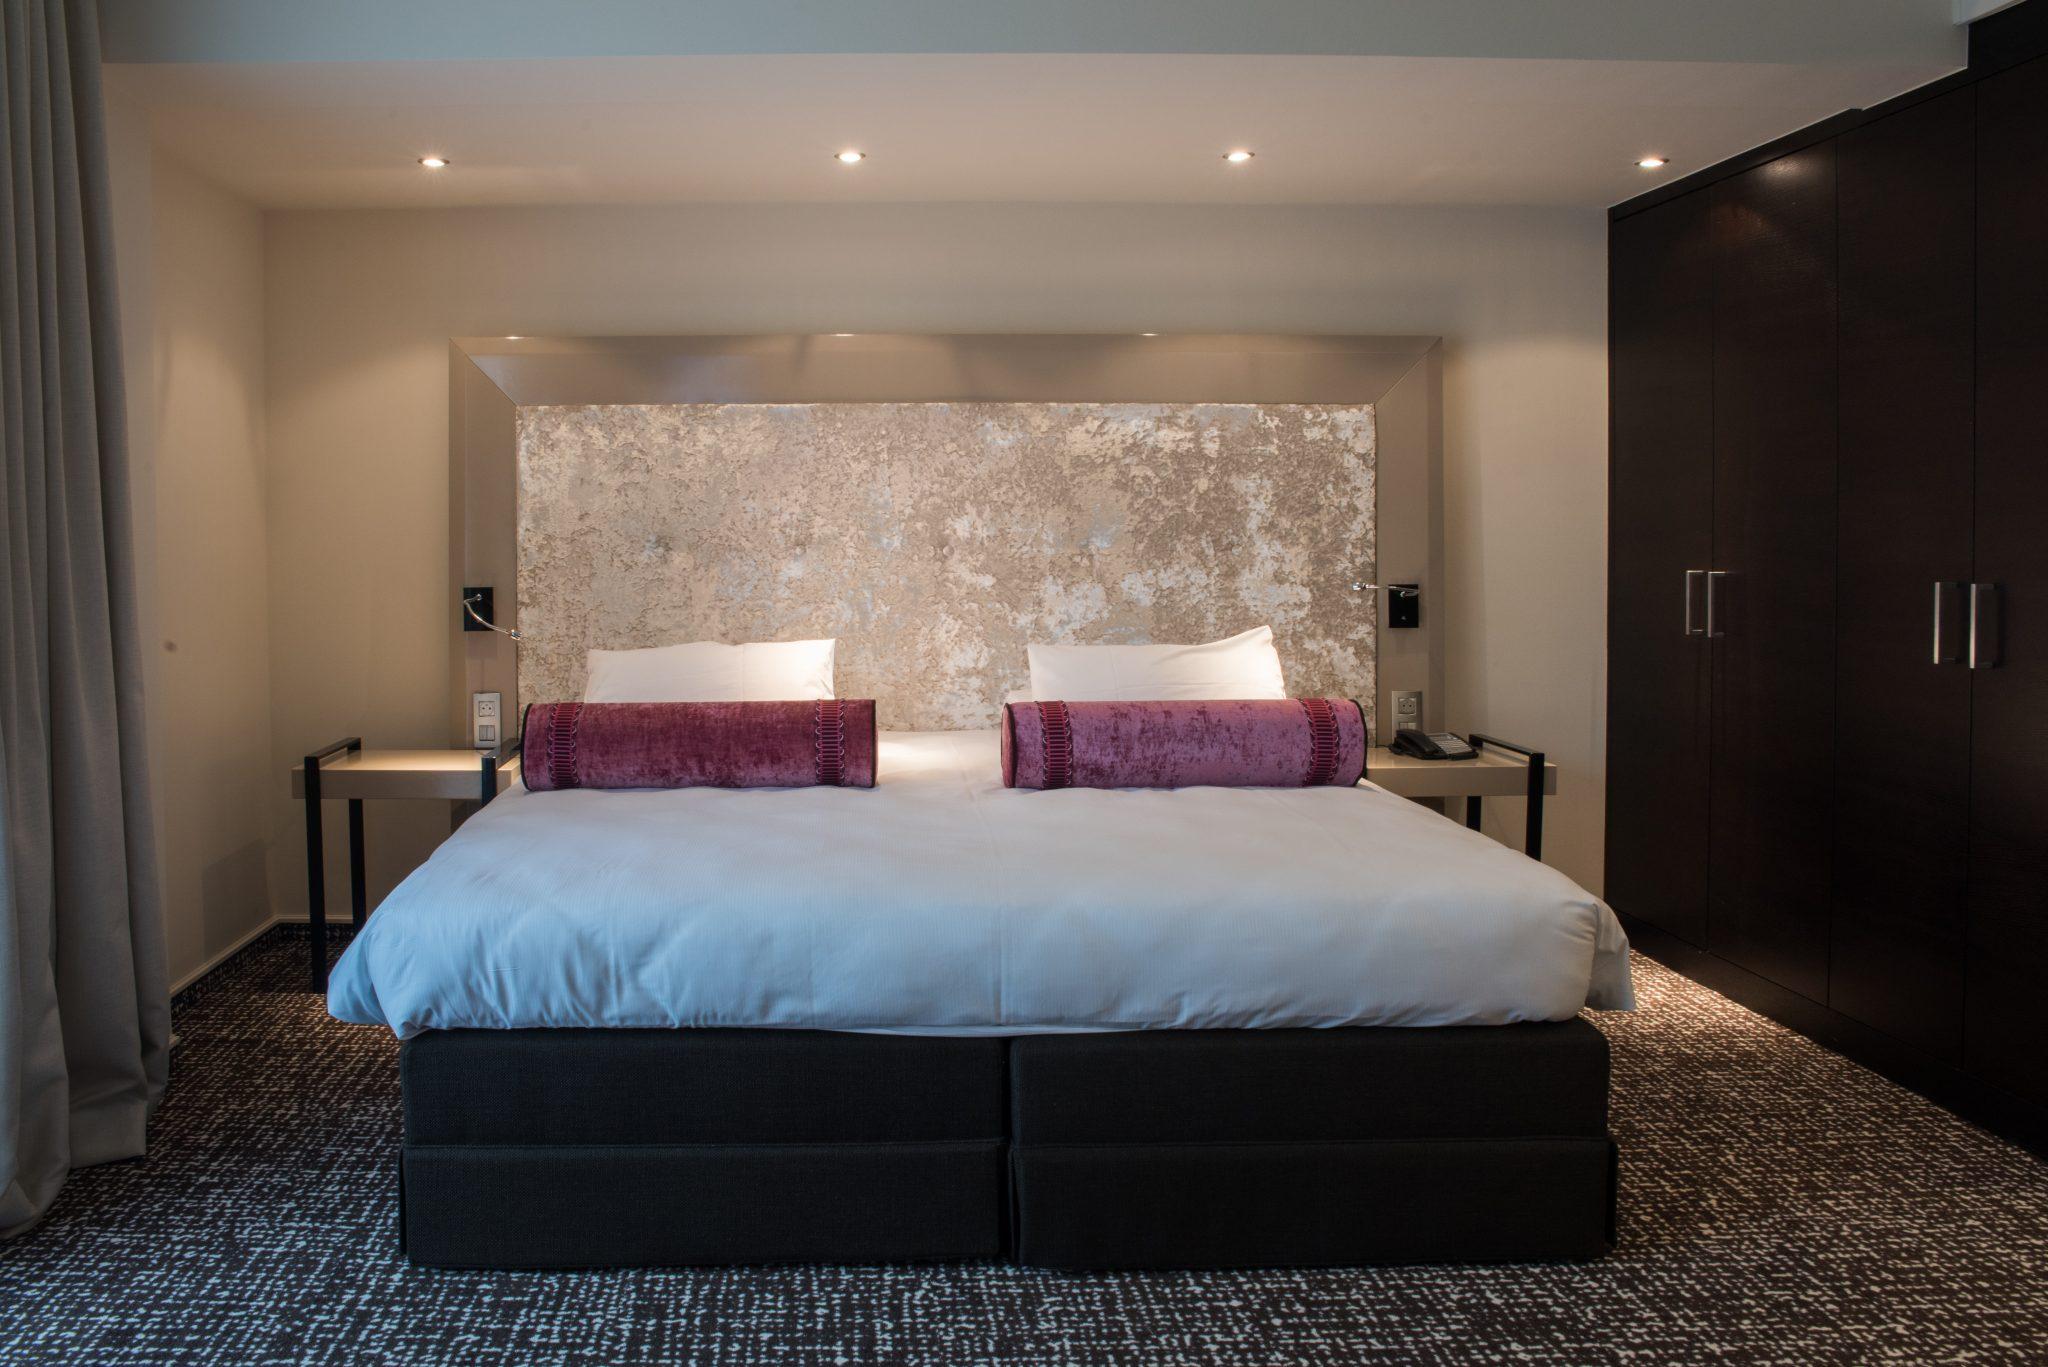 Tarif Chambre Double Hopital - Décoration de maison idées de design ...